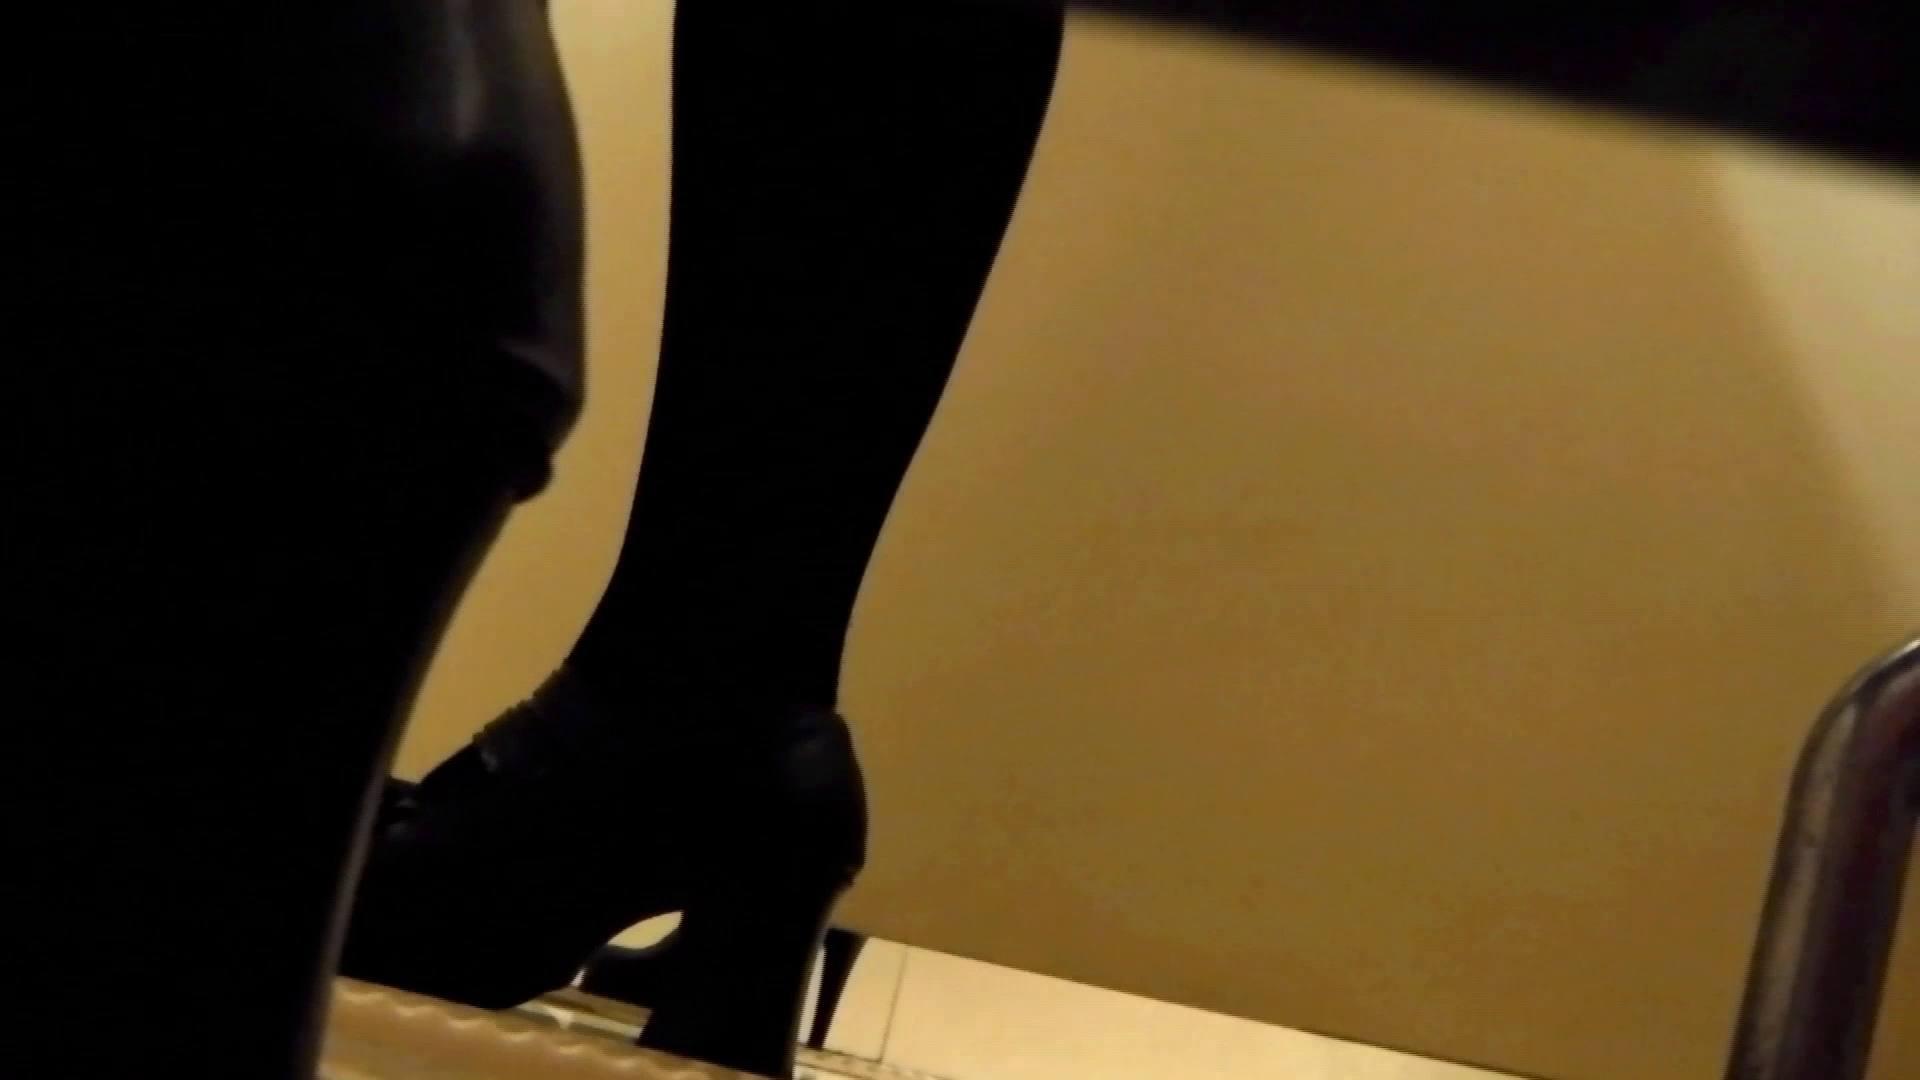 新世界の射窓 No78 トリンドル 玲奈似登場シリーズ美女率最高作! 高画質  89PIX 1